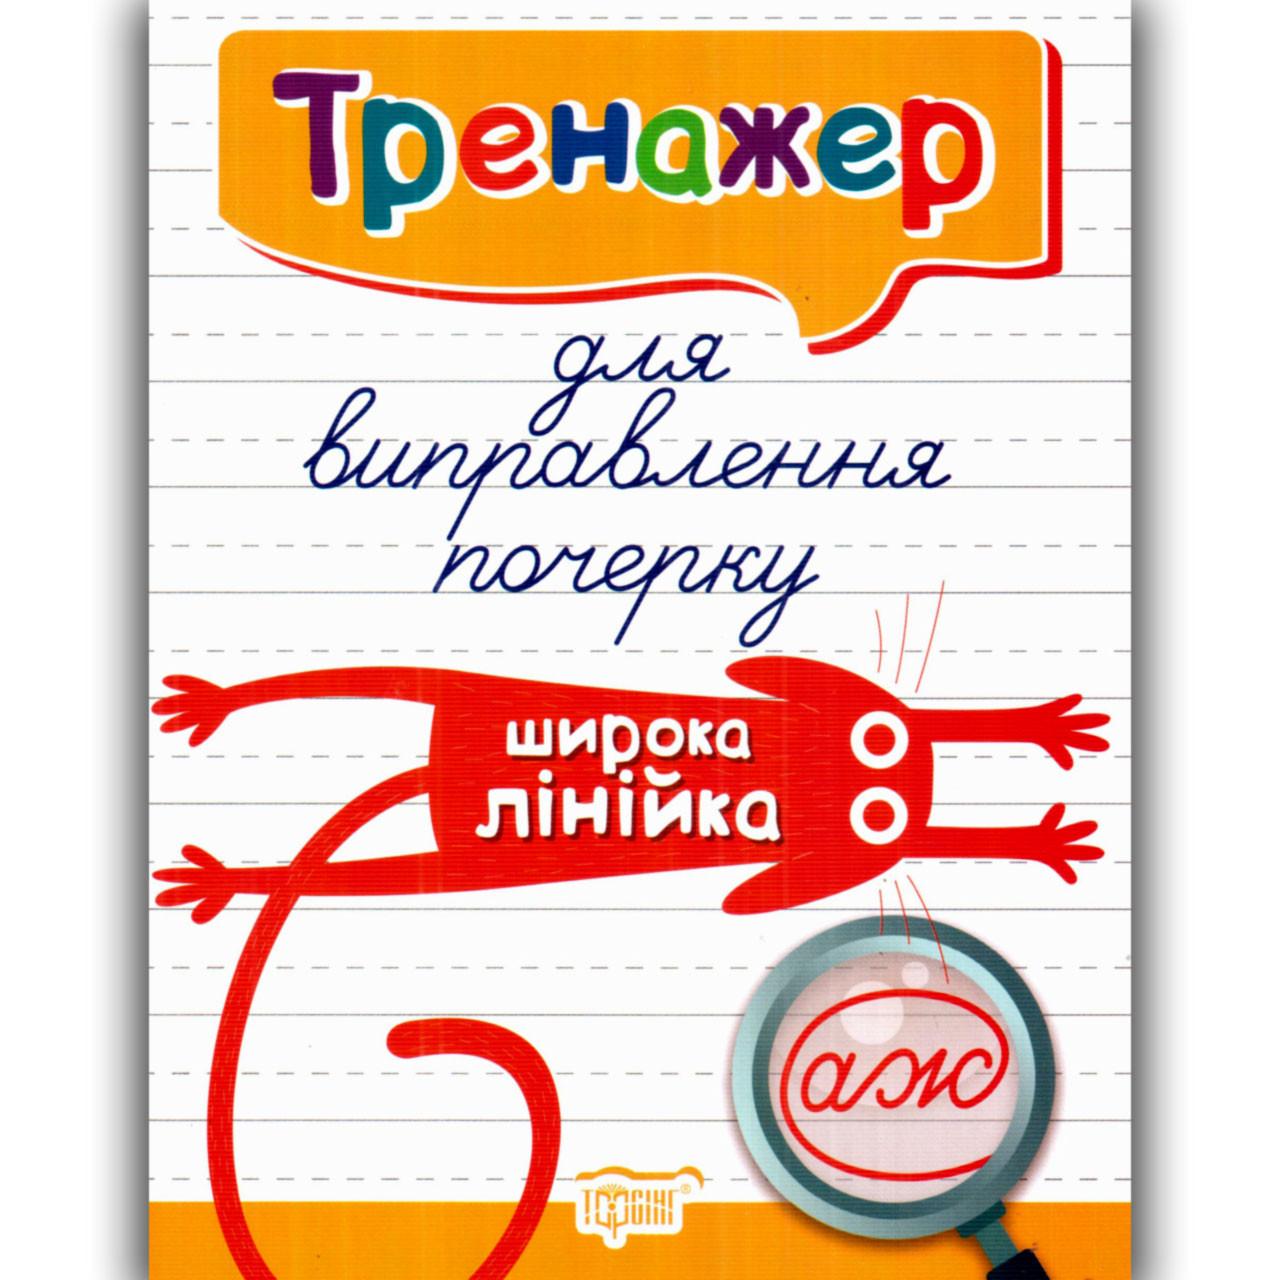 Тренажер для виправлення почерку Широка лінійка Авт: Кієнко Л. Вид: Торсінг